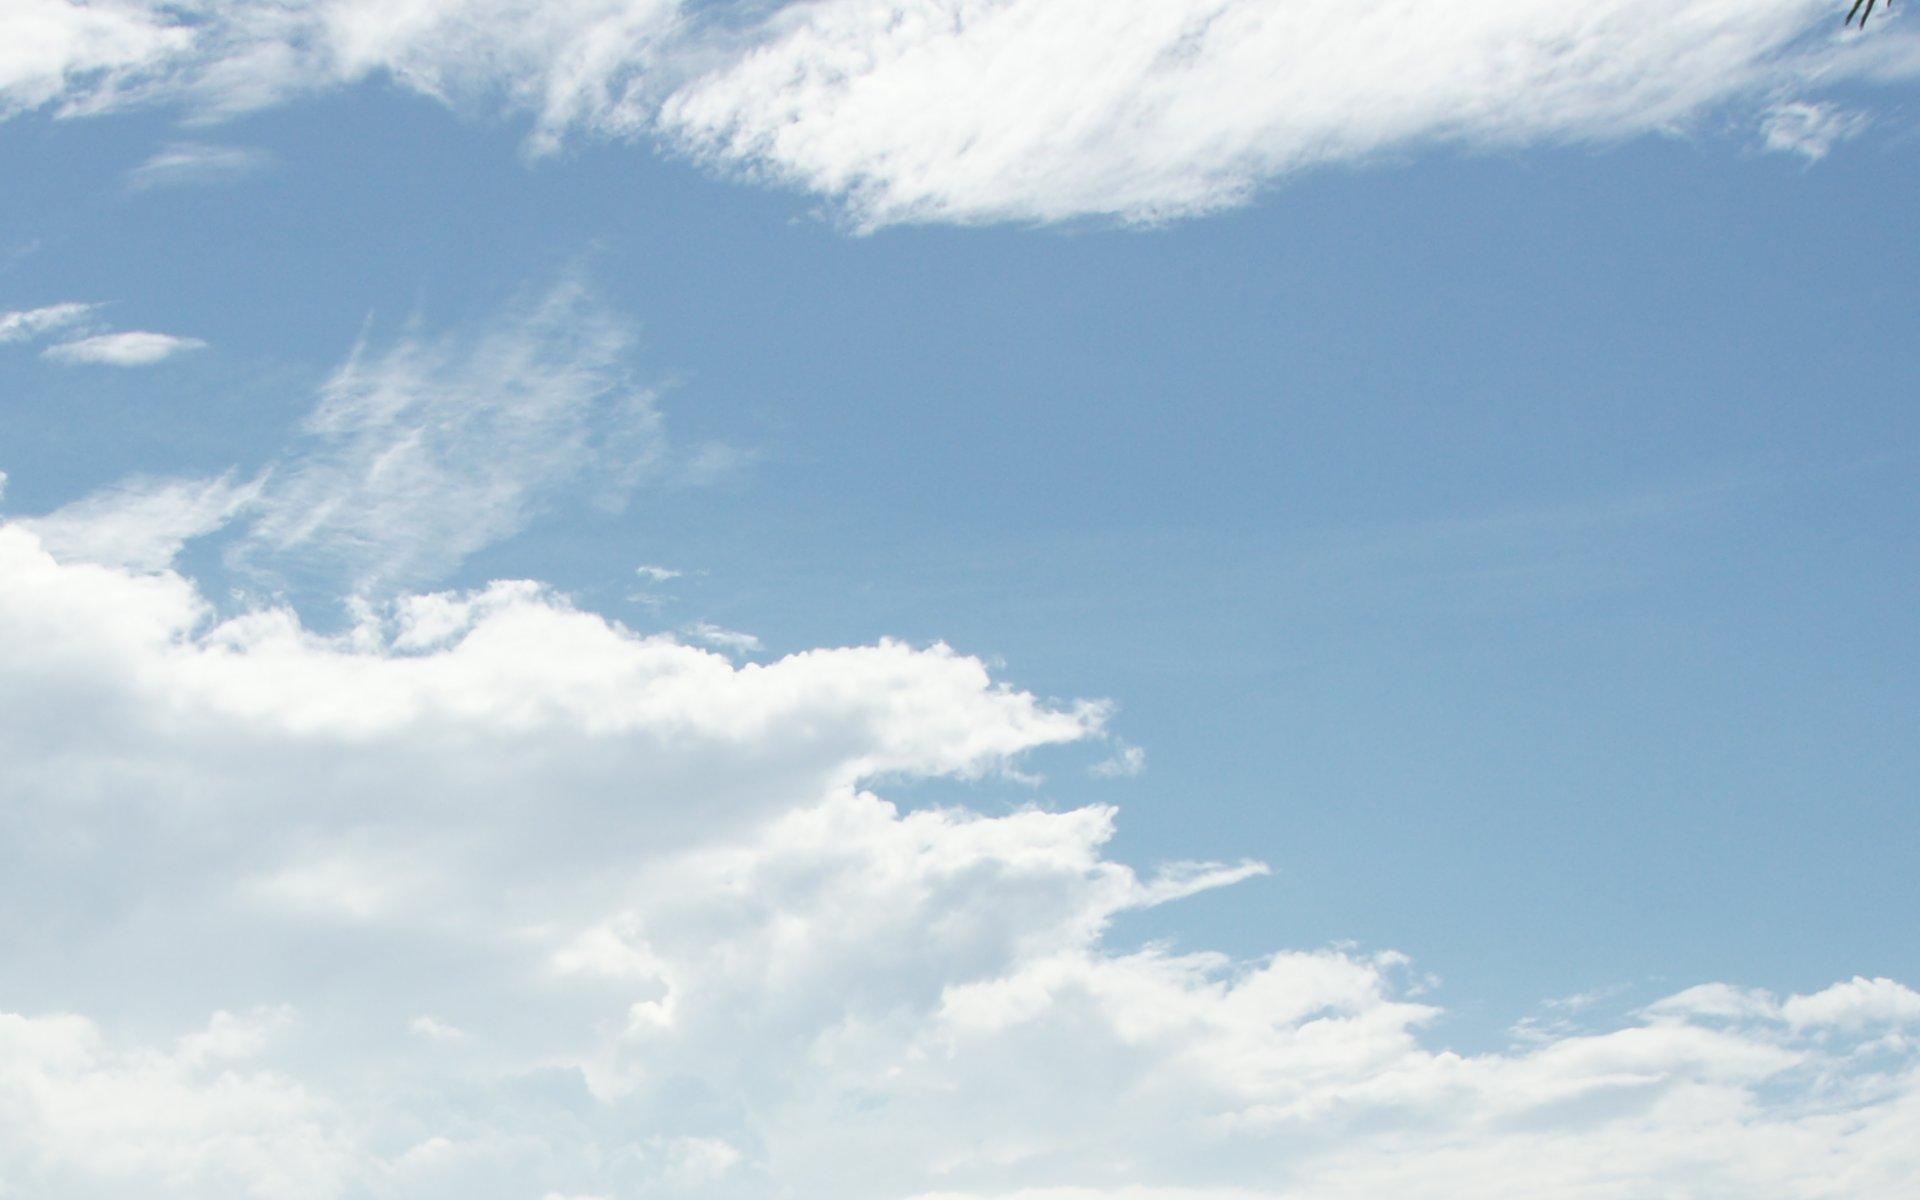 Sky Wallpapers: Sky Wallpaper Widescreen